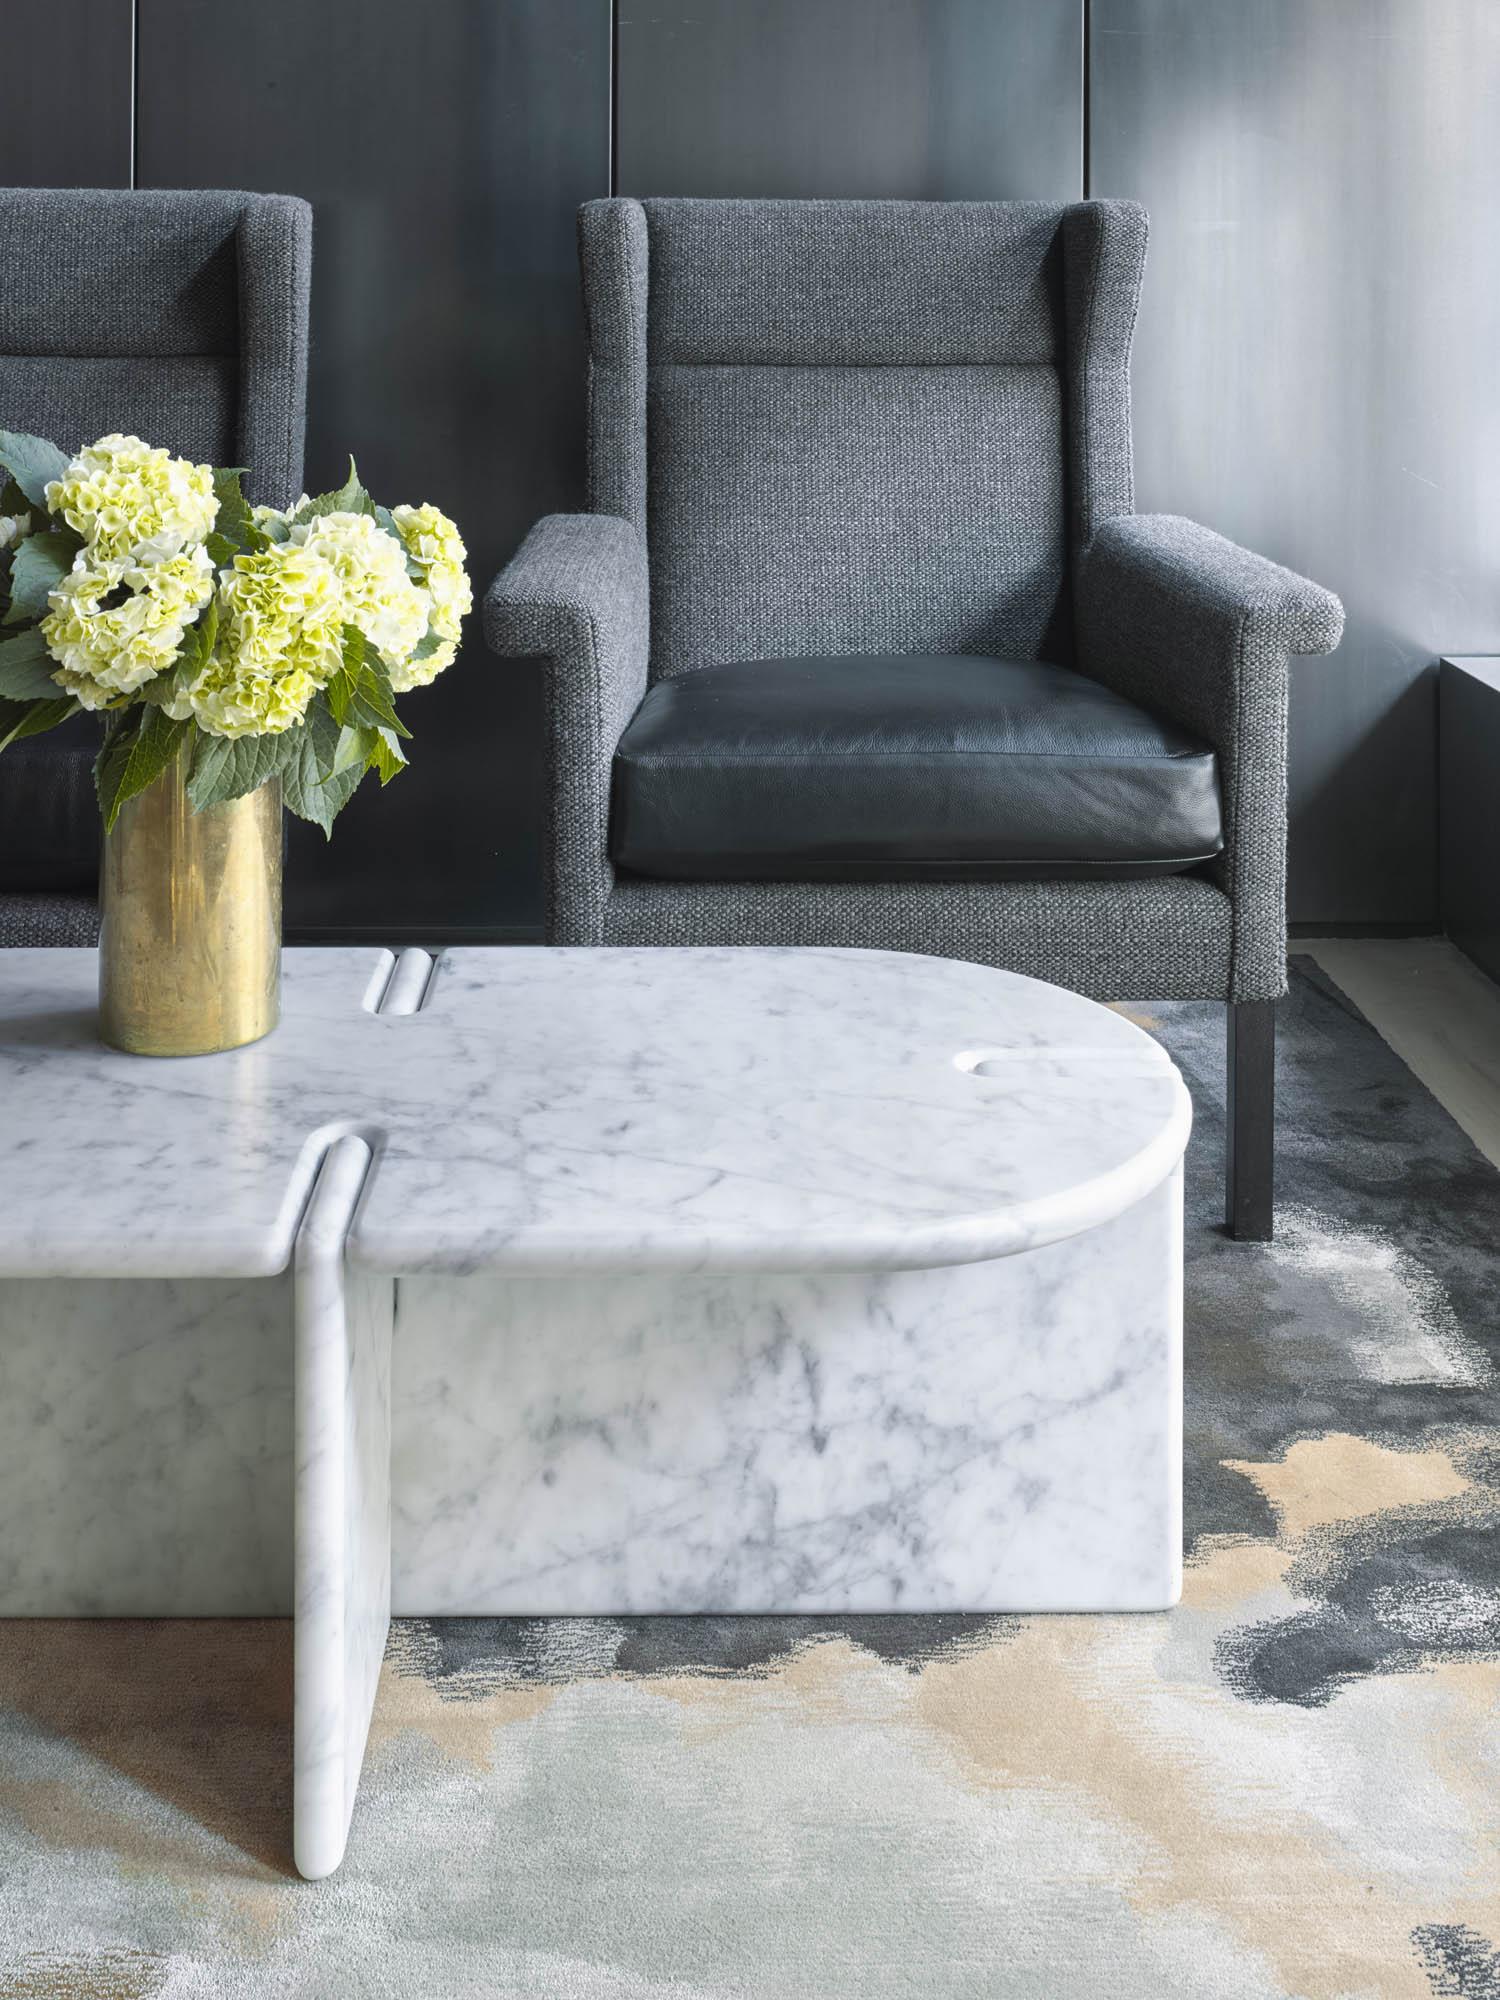 The Sutton Condominium Lobby Sitting Area Furniture